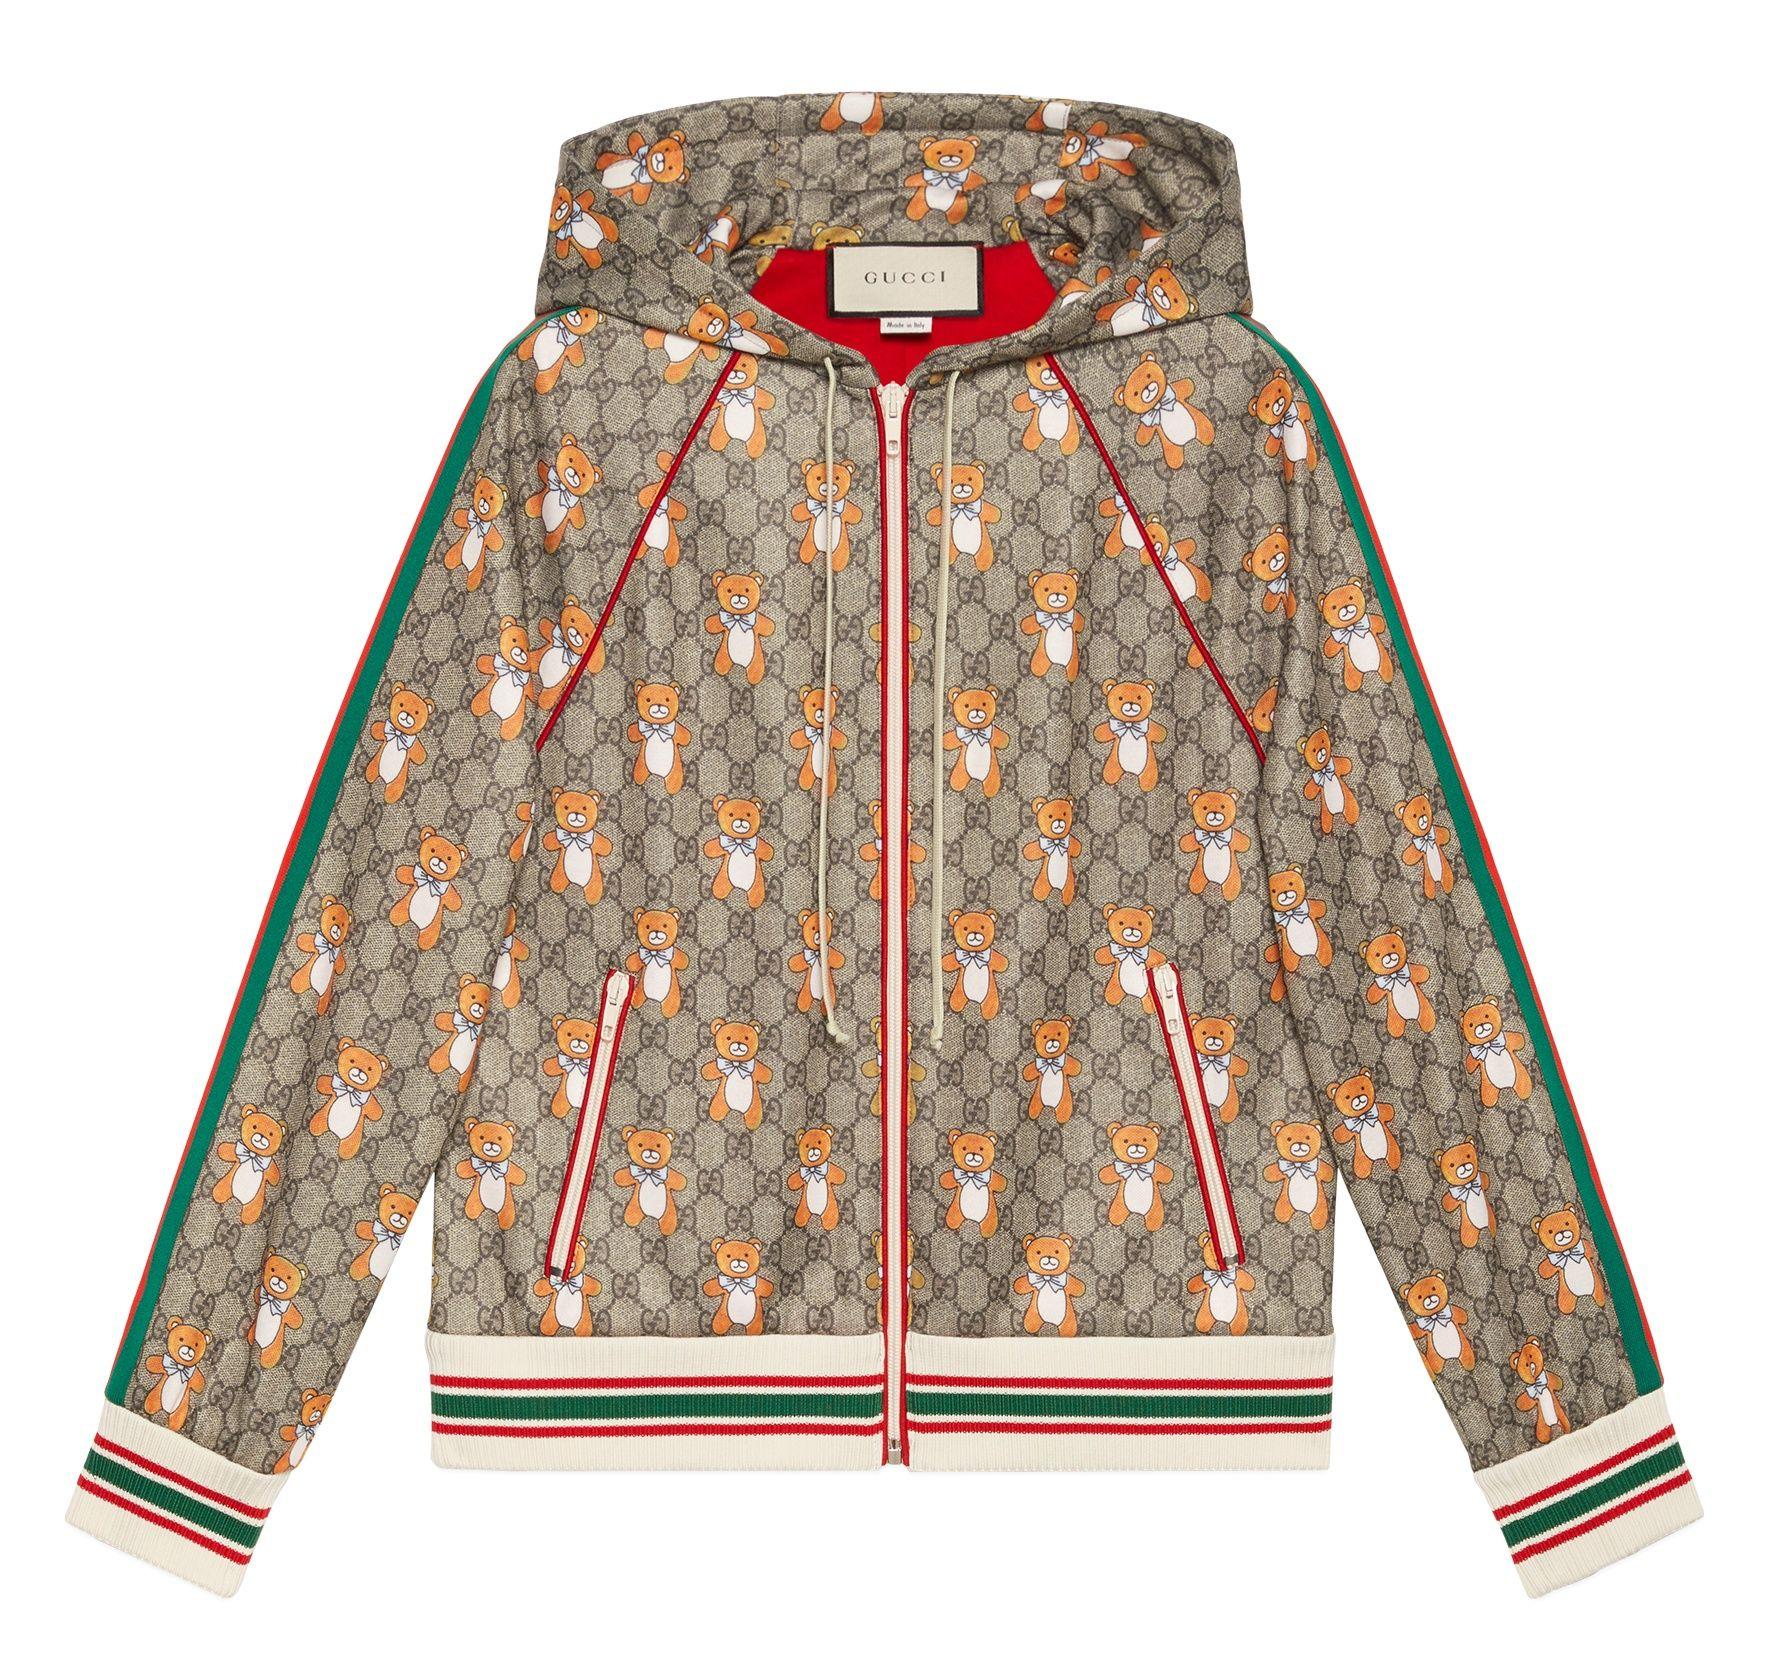 KAI x Gucci 聯名系列運動外套,建議售價 NT$58,200